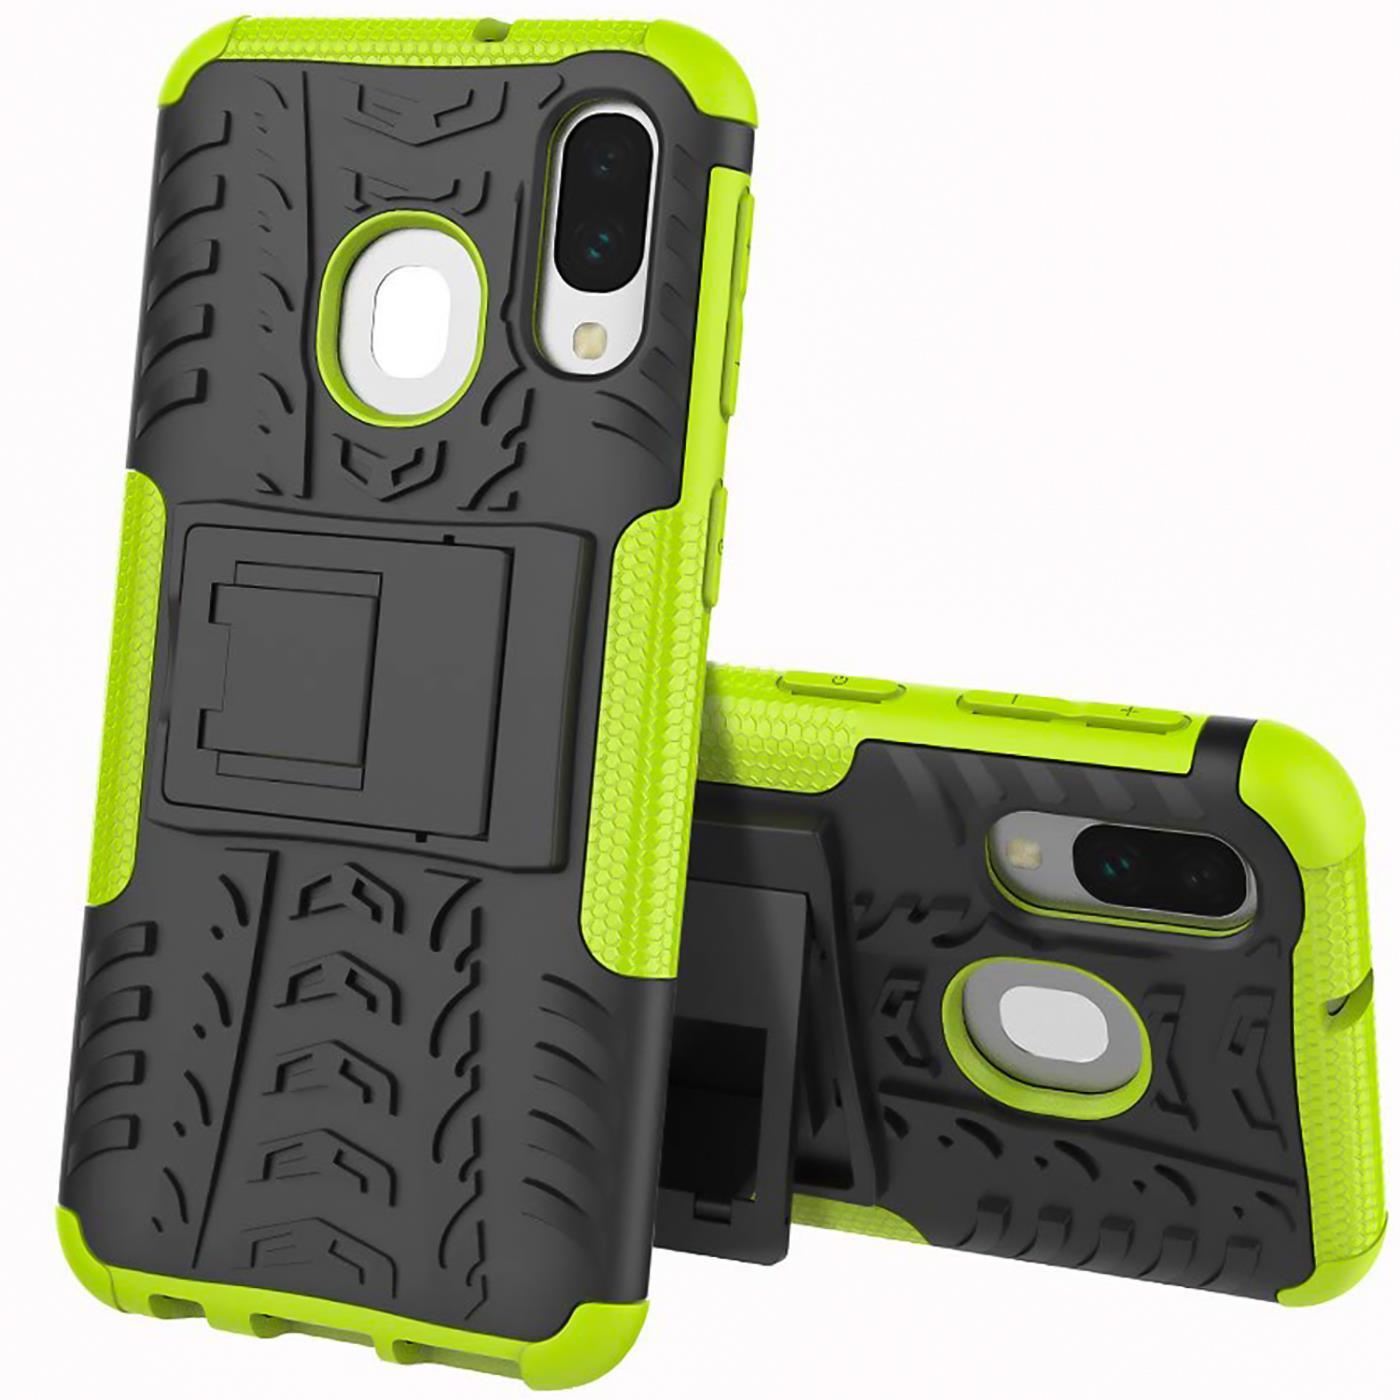 Schutzhuelle-Samsung-Galaxy-A20e-Handy-Tasche-Schutz-Huelle-Hybrid-Panzer-Case Indexbild 13